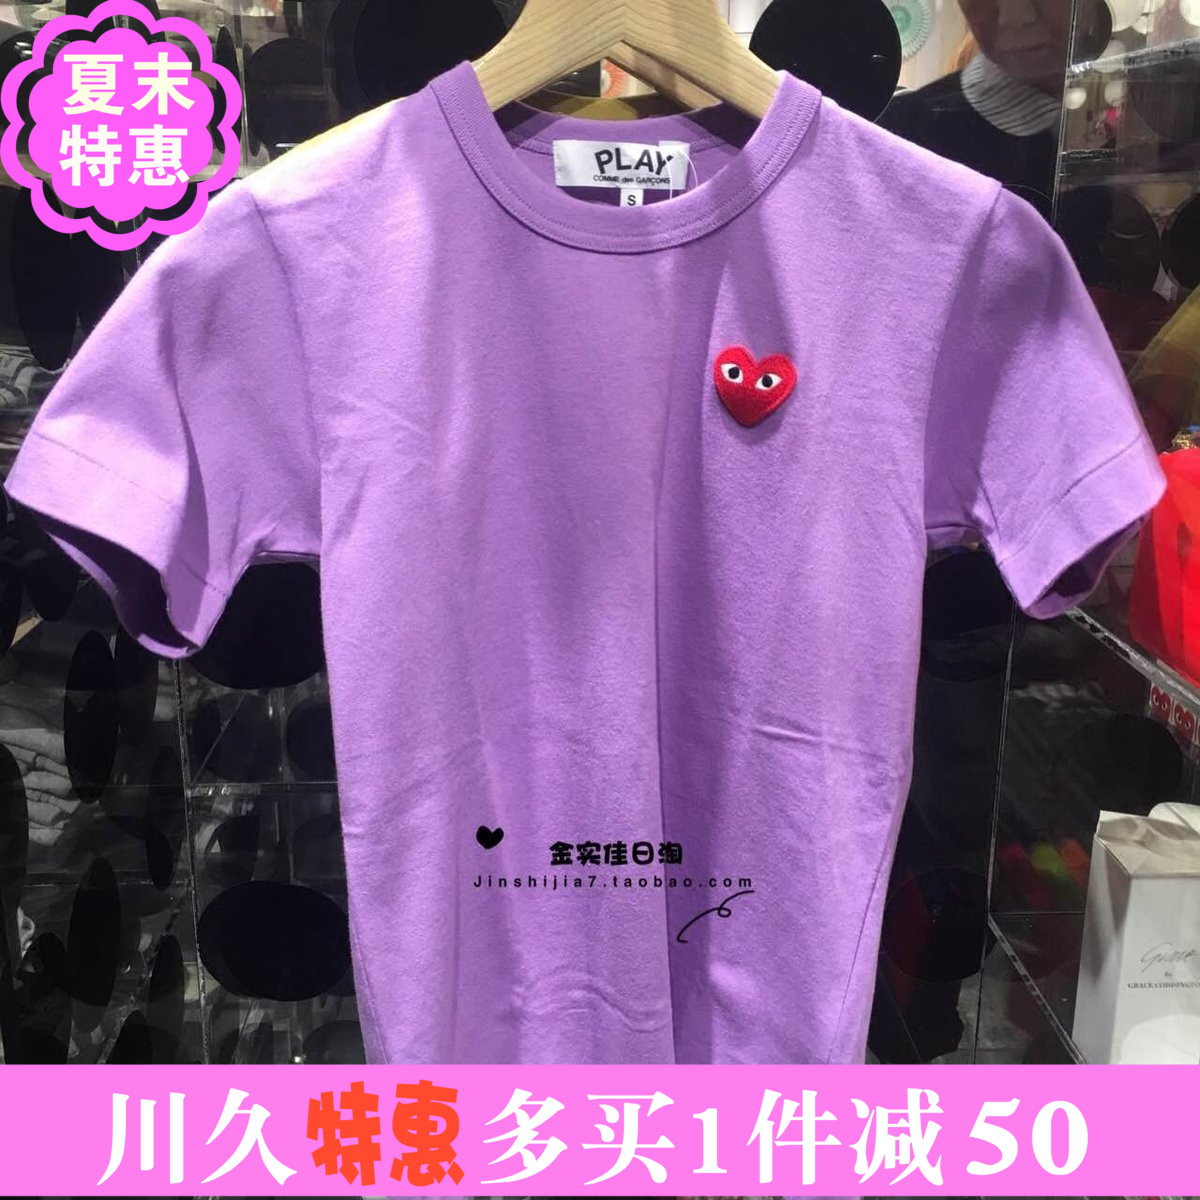 金实佳日本代购 川久保玲CDG play 15年 纯色大红心 短袖T恤 男女